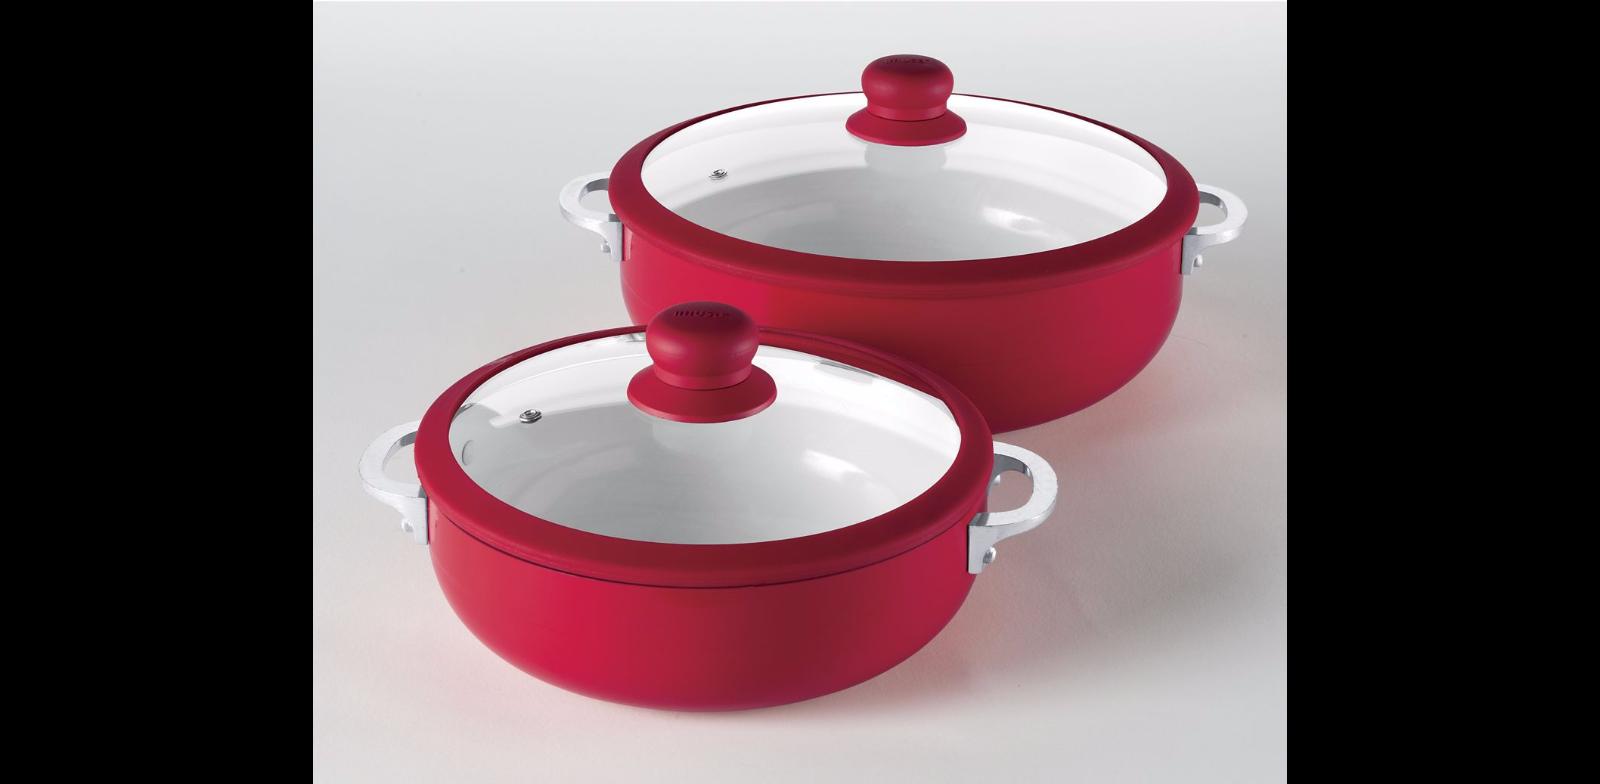 Red Caldero Ceramic